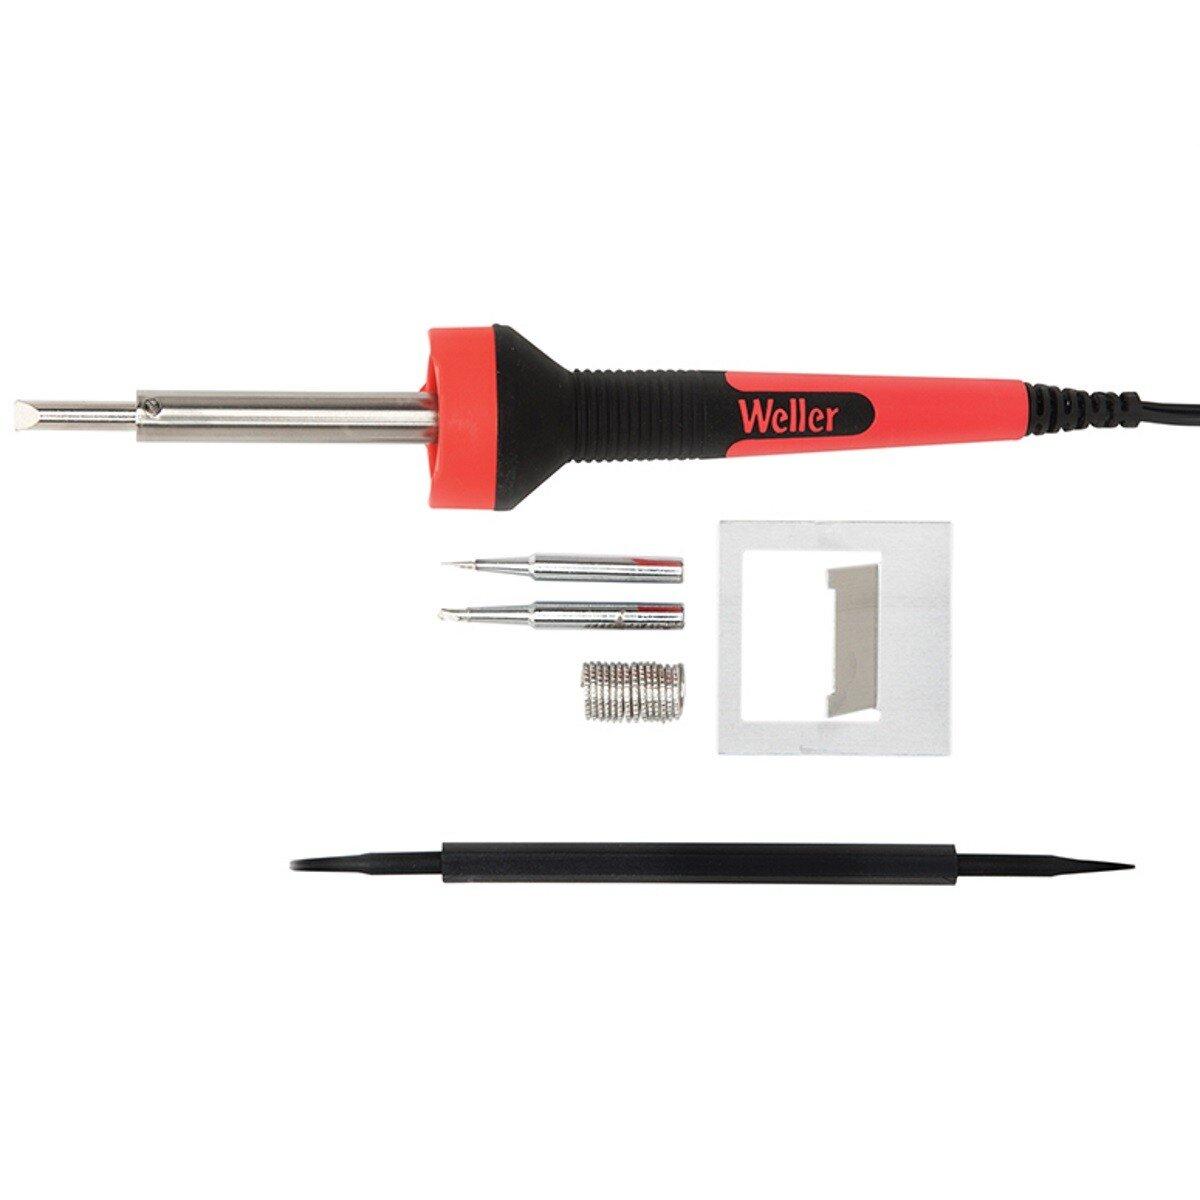 Weller SP40NKUK Soldering Iron with LED 40w 230v Kit WELSP40NKUK